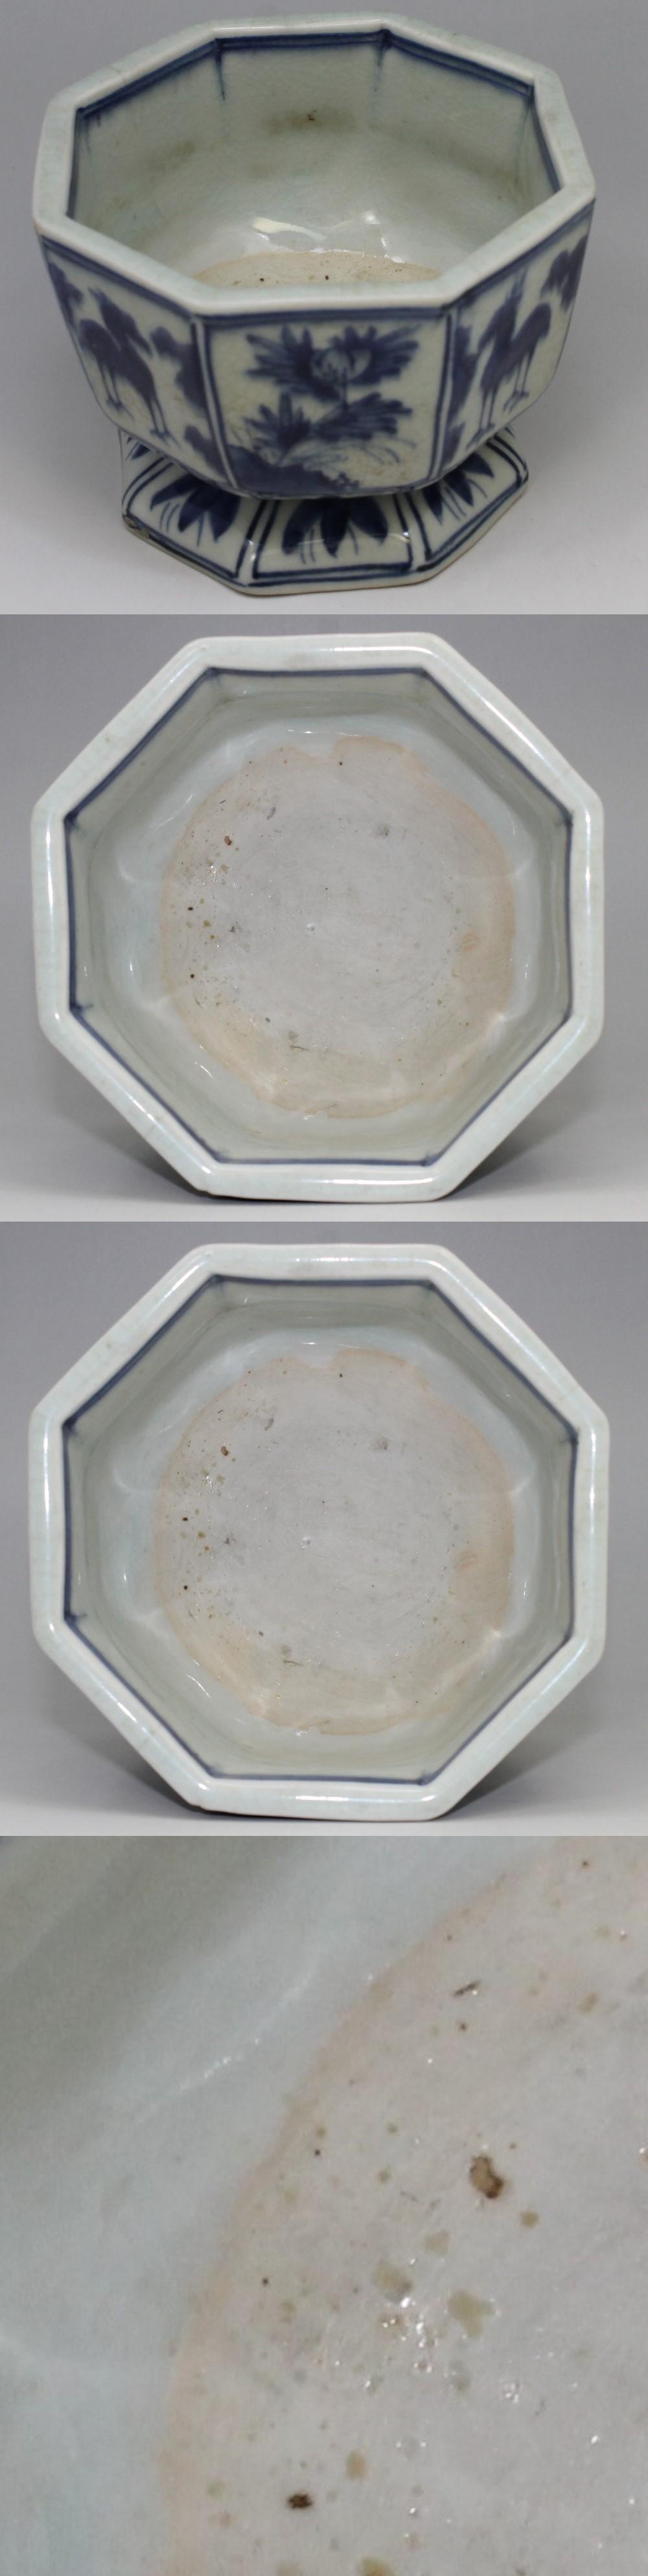 168景徳鎮八角鉢3